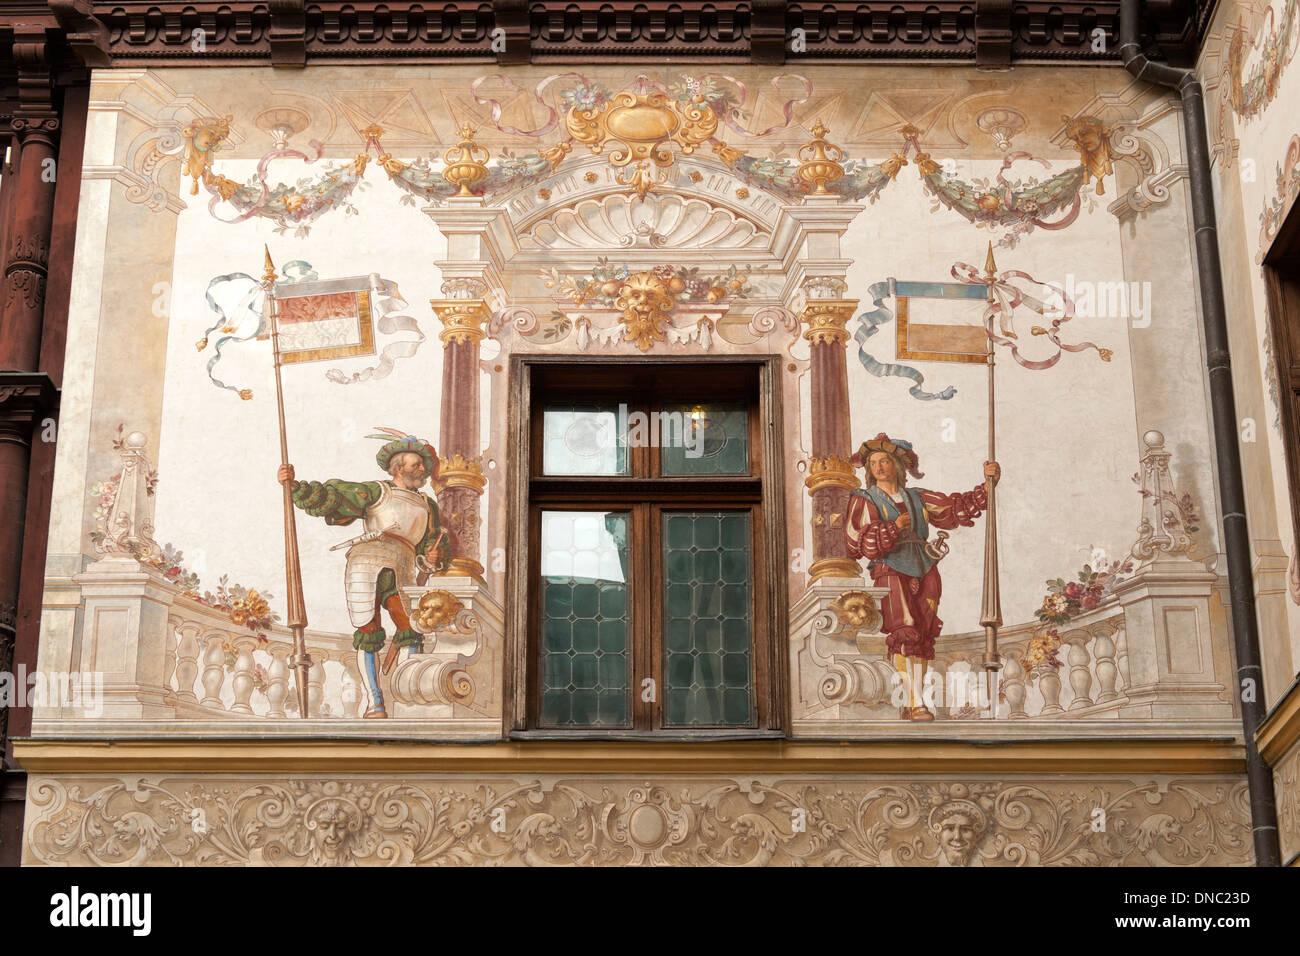 Peinture murale et des détails architecturaux dans la cour du château de Peleș à Sinaia dans la région de Transylvanie du centre de la Roumanie. Photo Stock